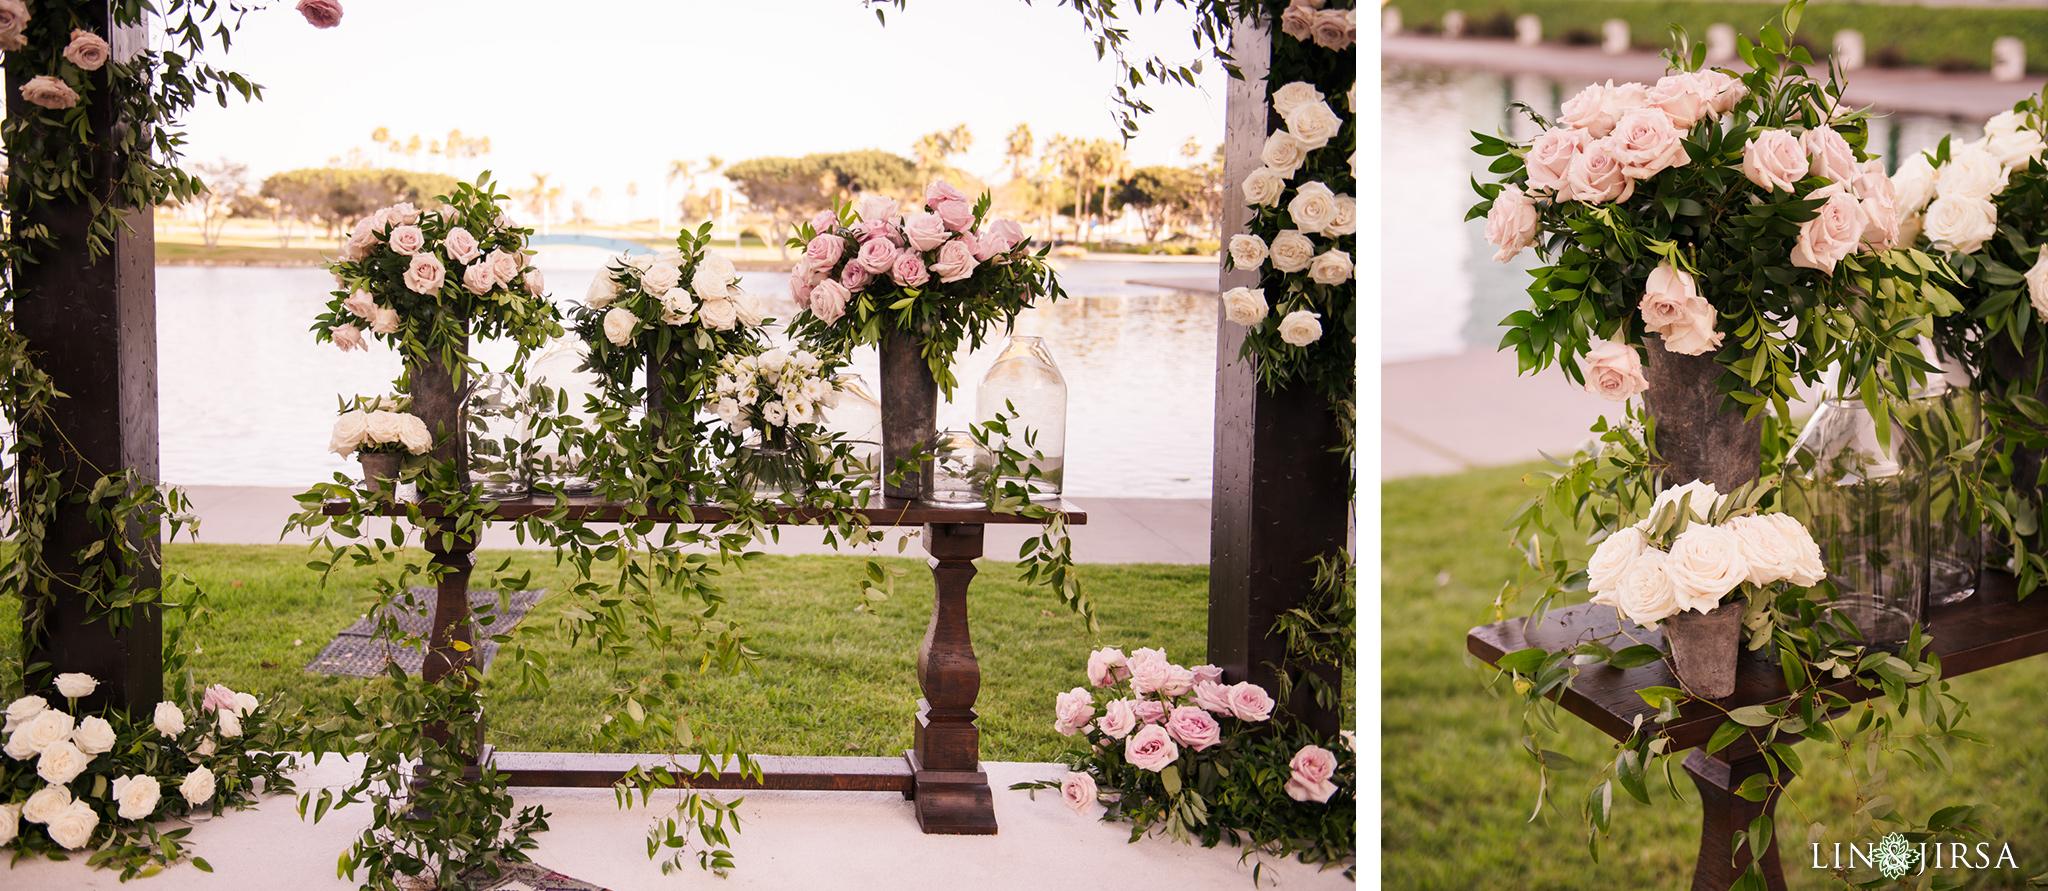 29 Hyatt Long Beach Indian Wedding Photography